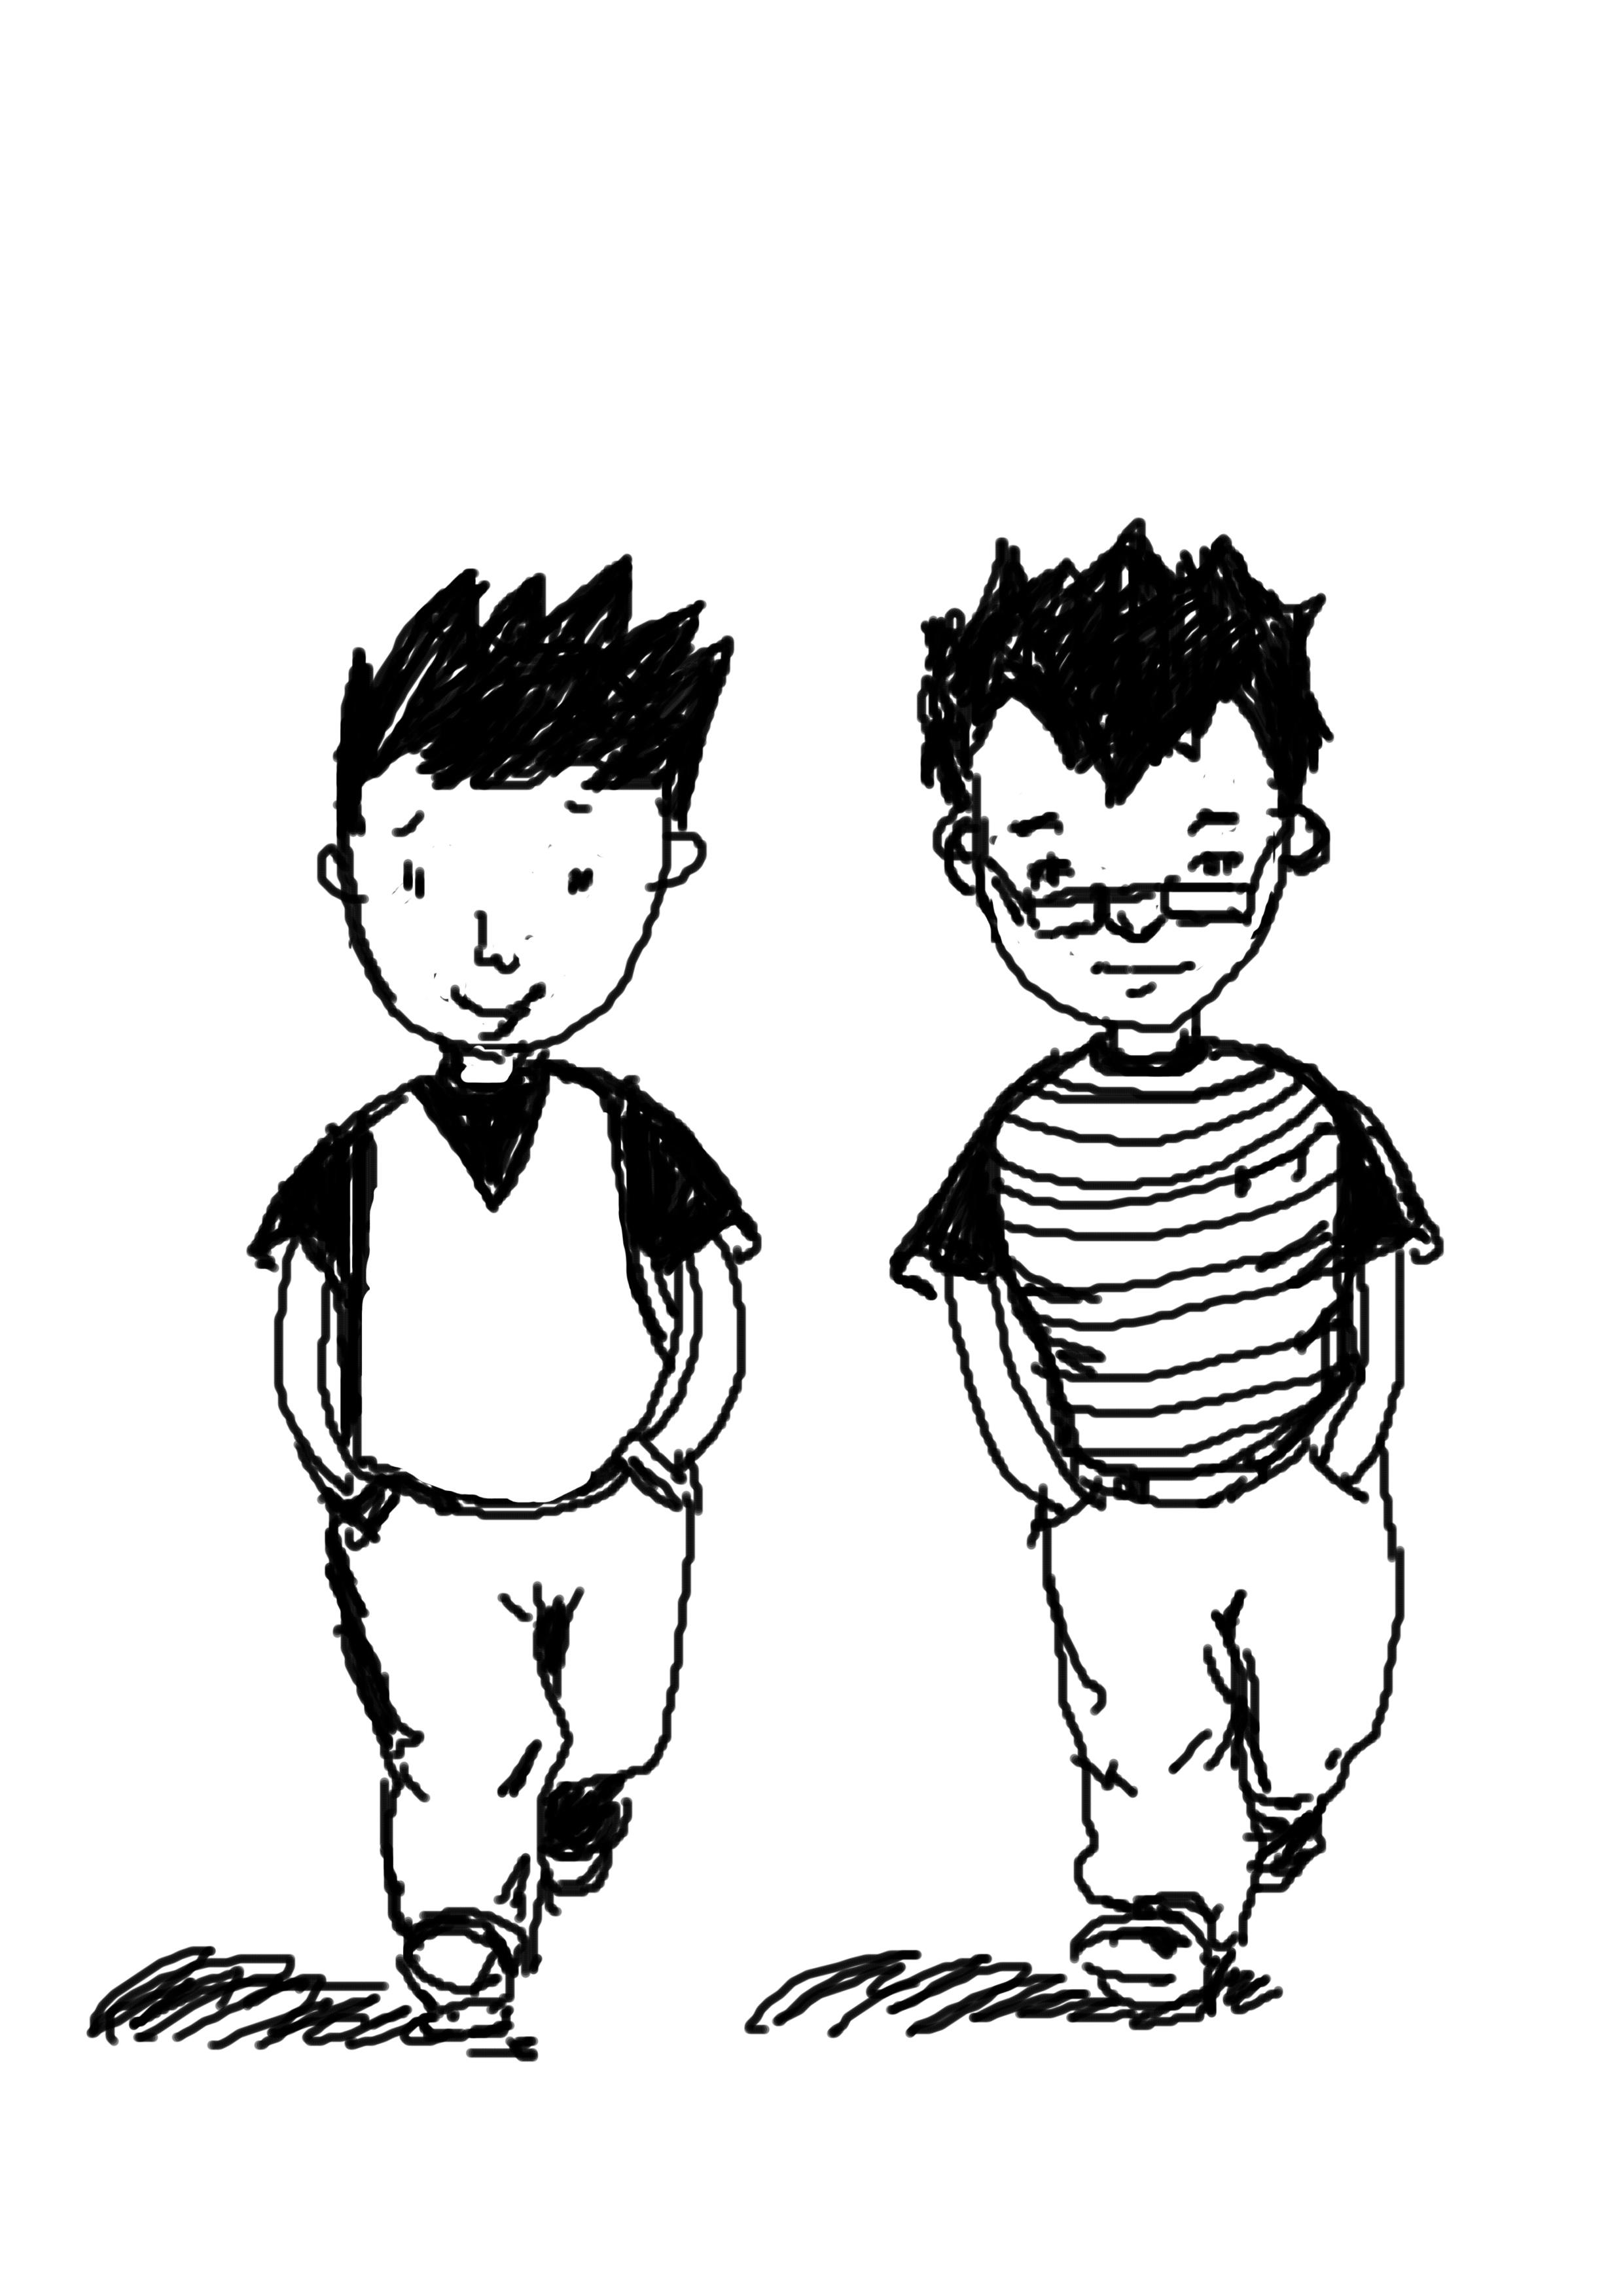 动漫 简笔画 卡通 漫画 设计 矢量 矢量图 手绘 素材 头像 线稿 2480